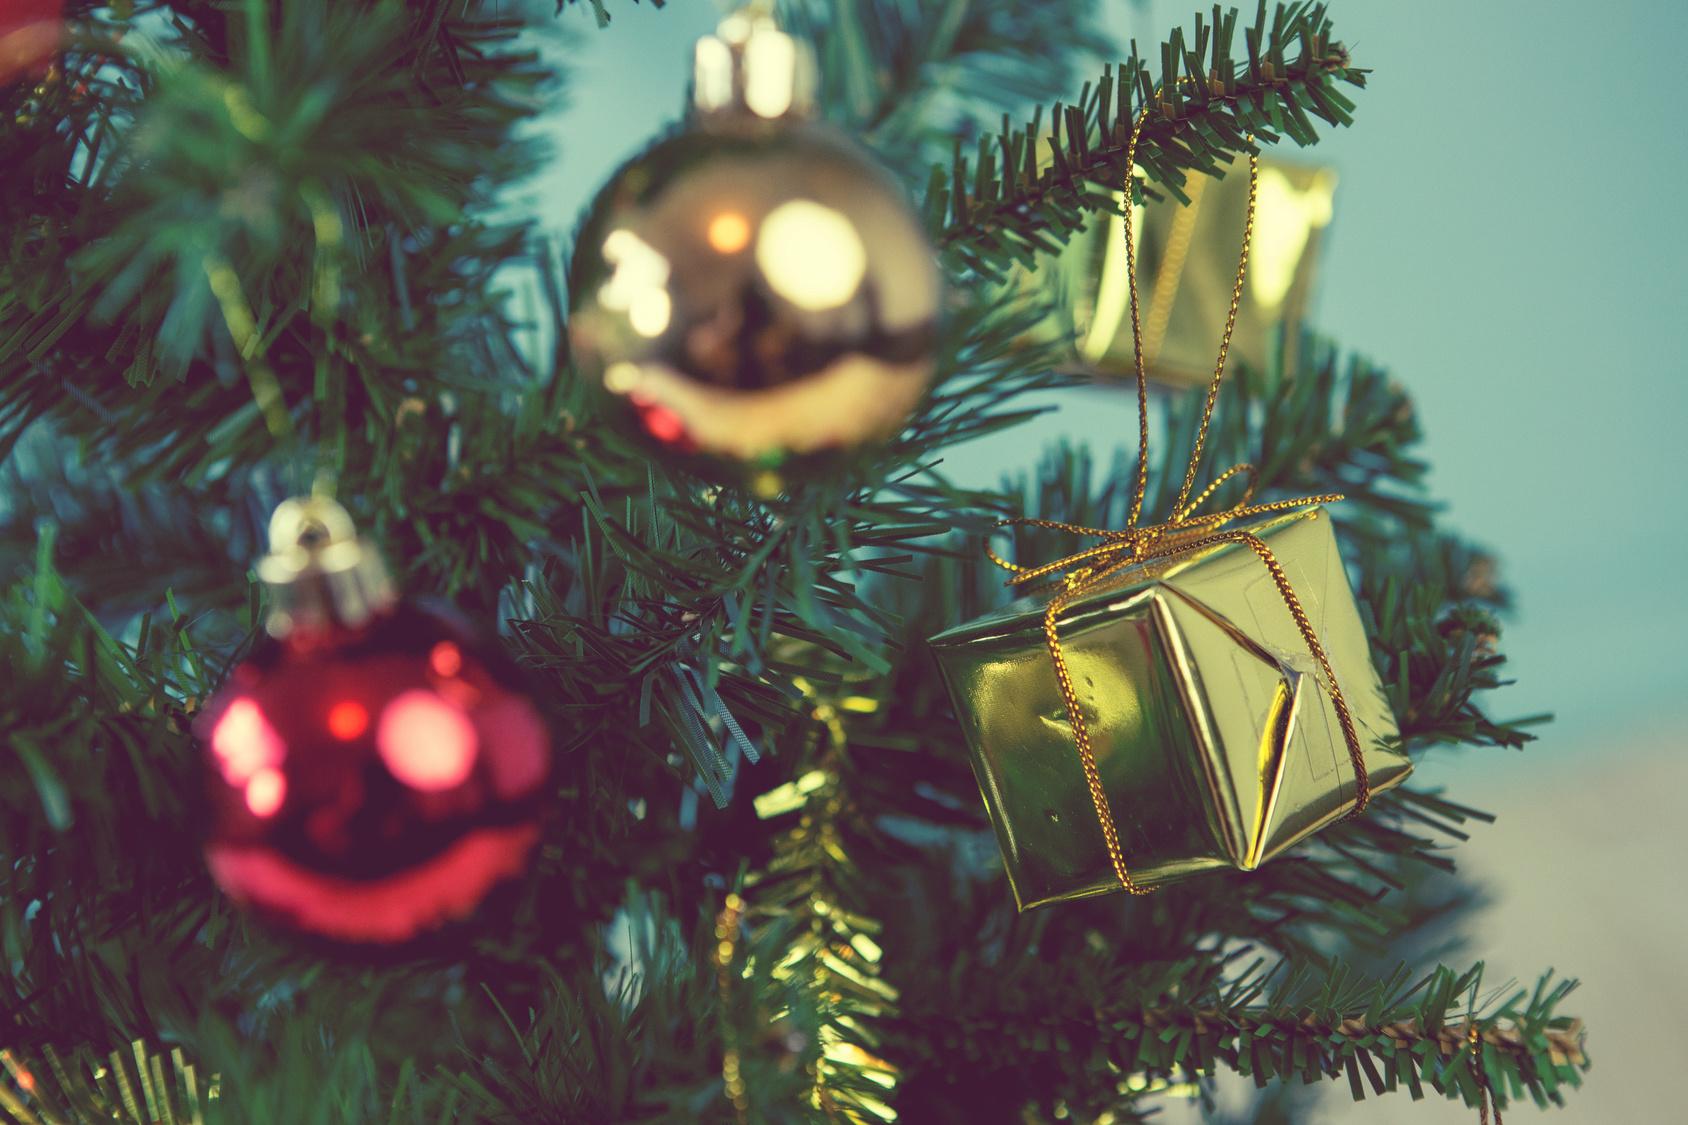 Weihnachtsgeschenke für Fotografen - Fotoblog web-done.de